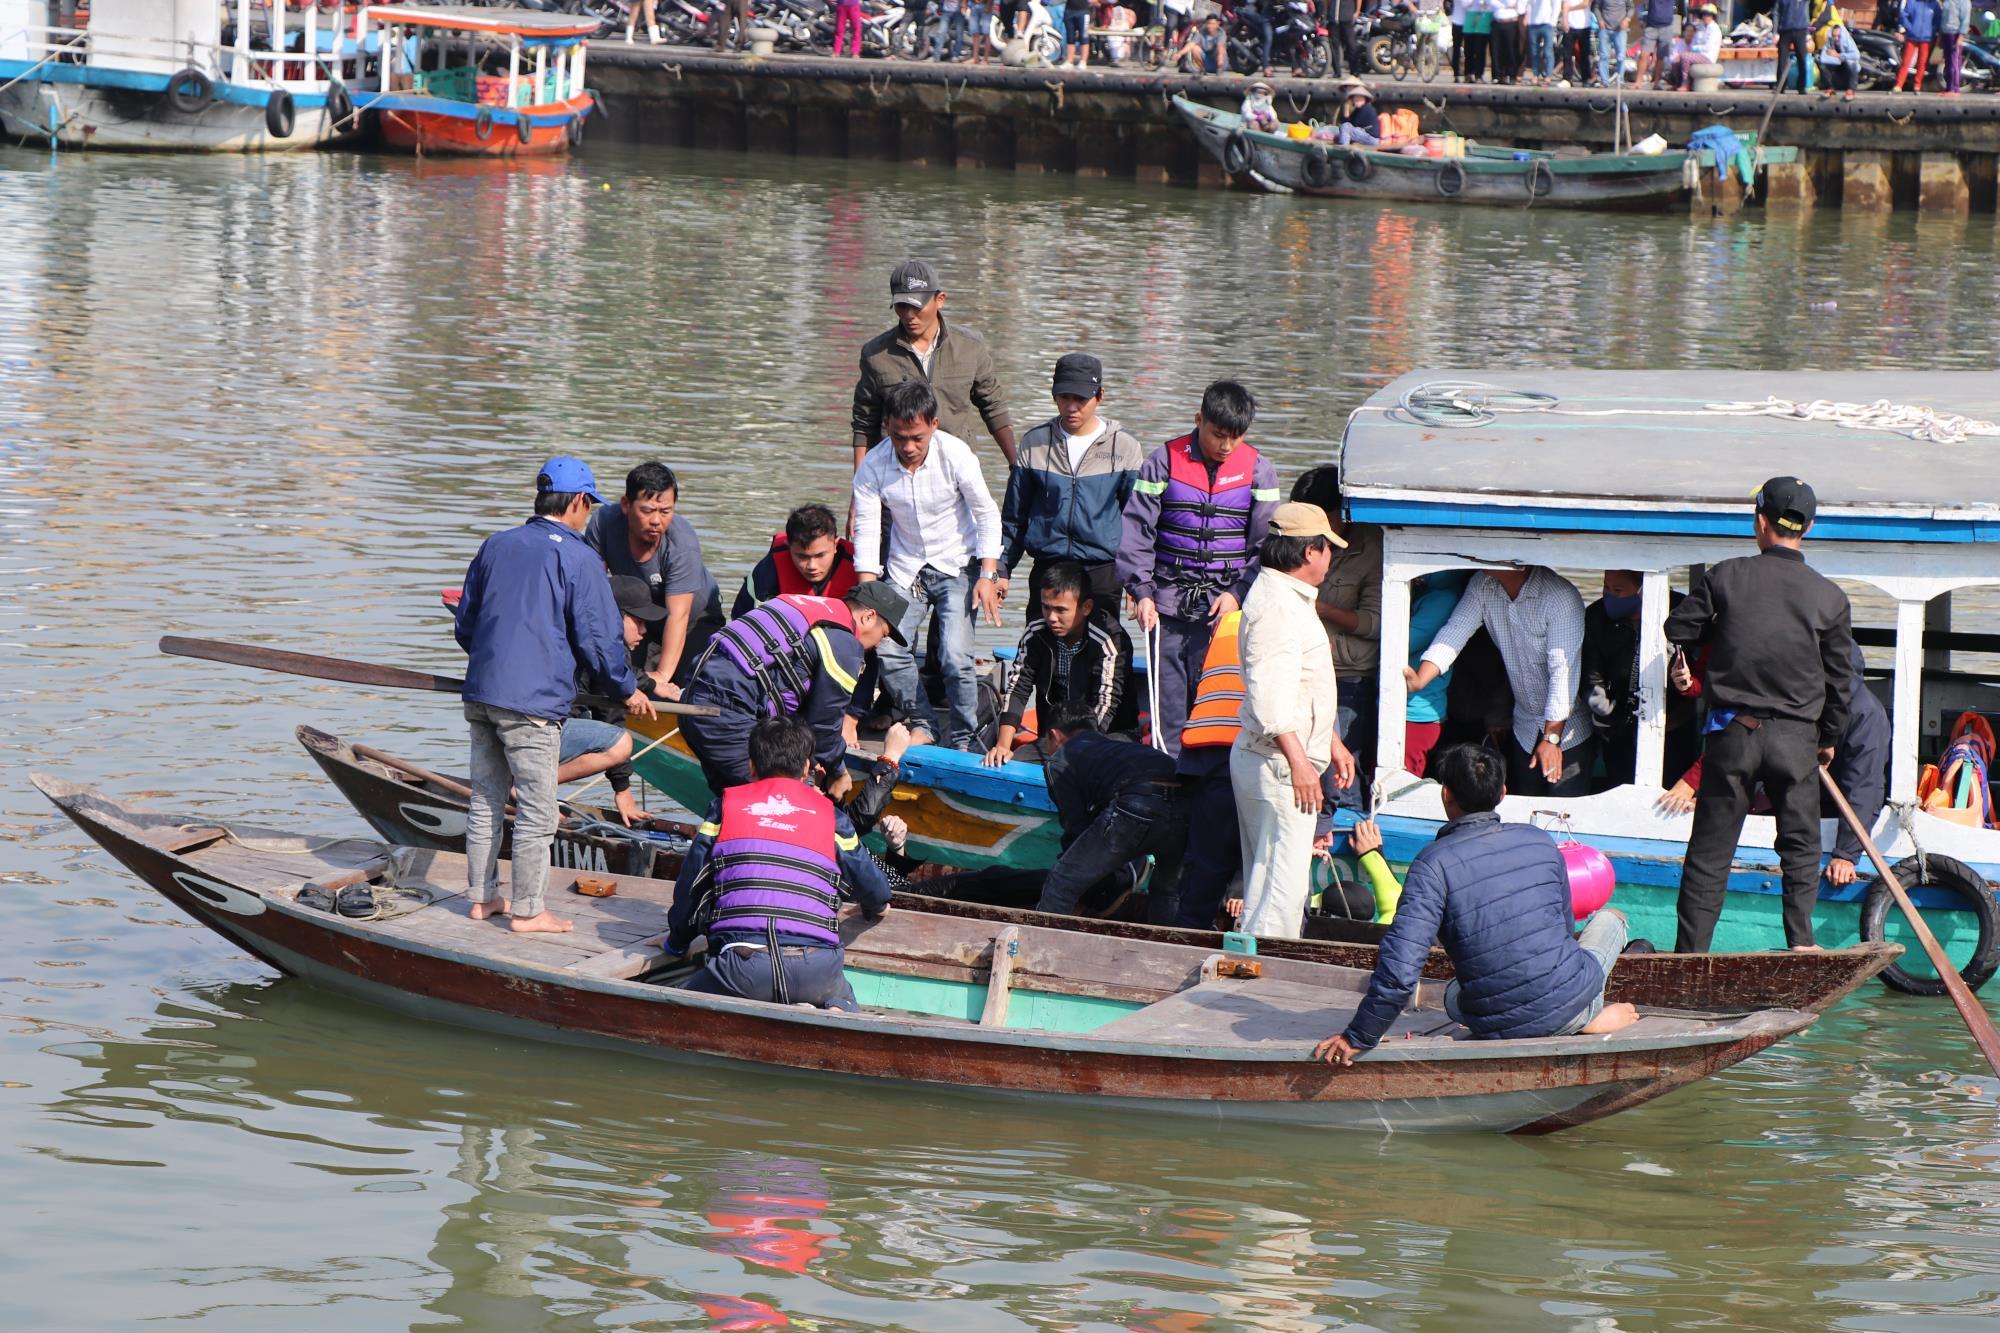 Hàng trăm người xót xa khi tìm thấy thi thể bé trai 6 tuổi mắc kẹt trong chiếc ô tô lao xuống sông Hoài - Ảnh 2